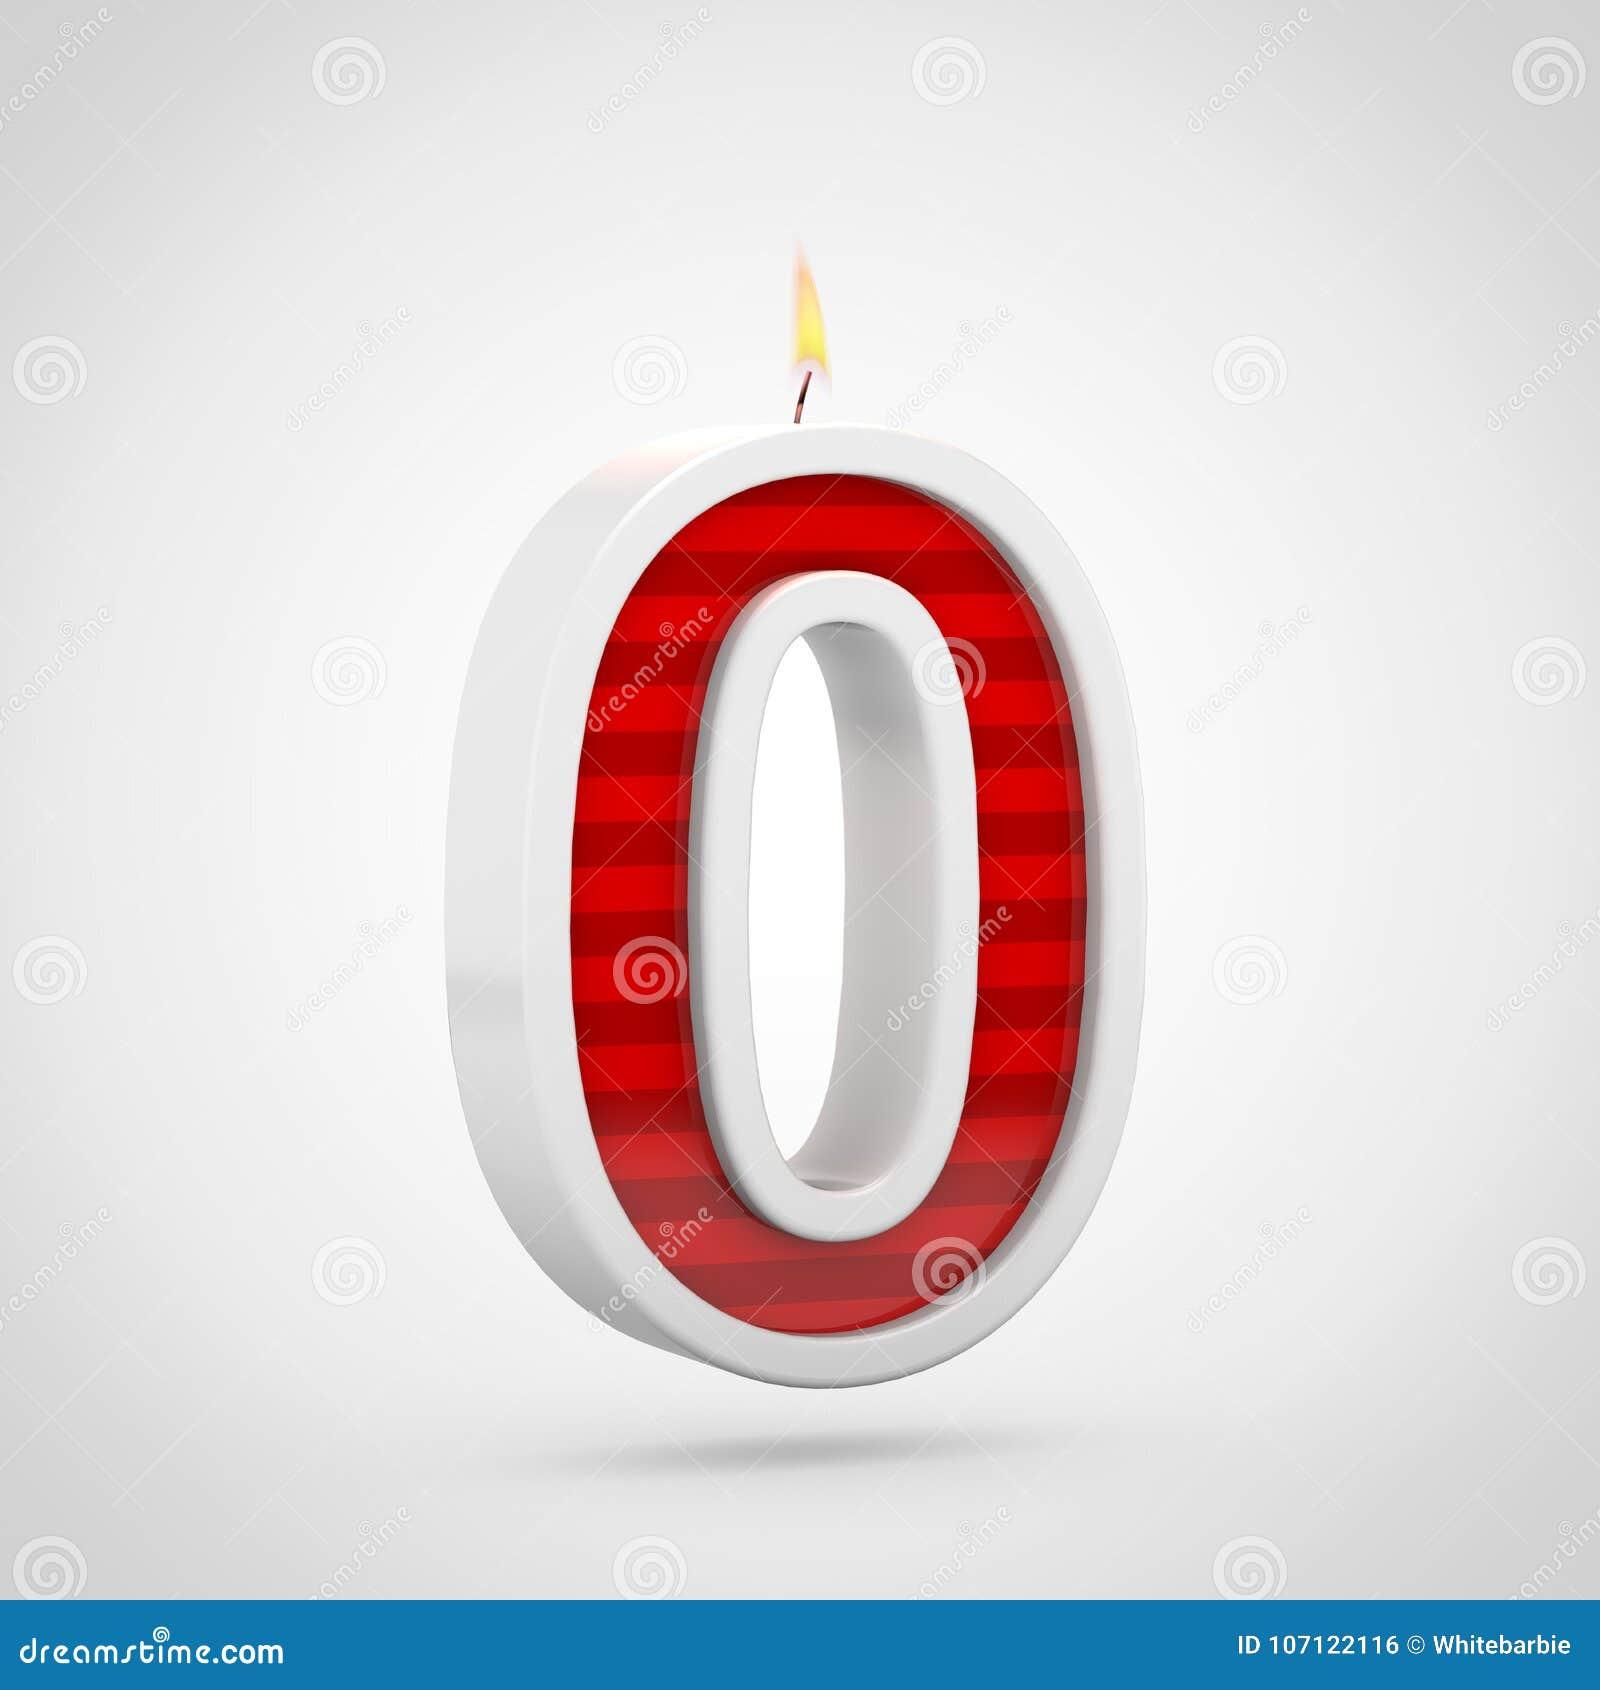 Födelsedagstearinljus nummer 0 som isoleras på vit bakgrund